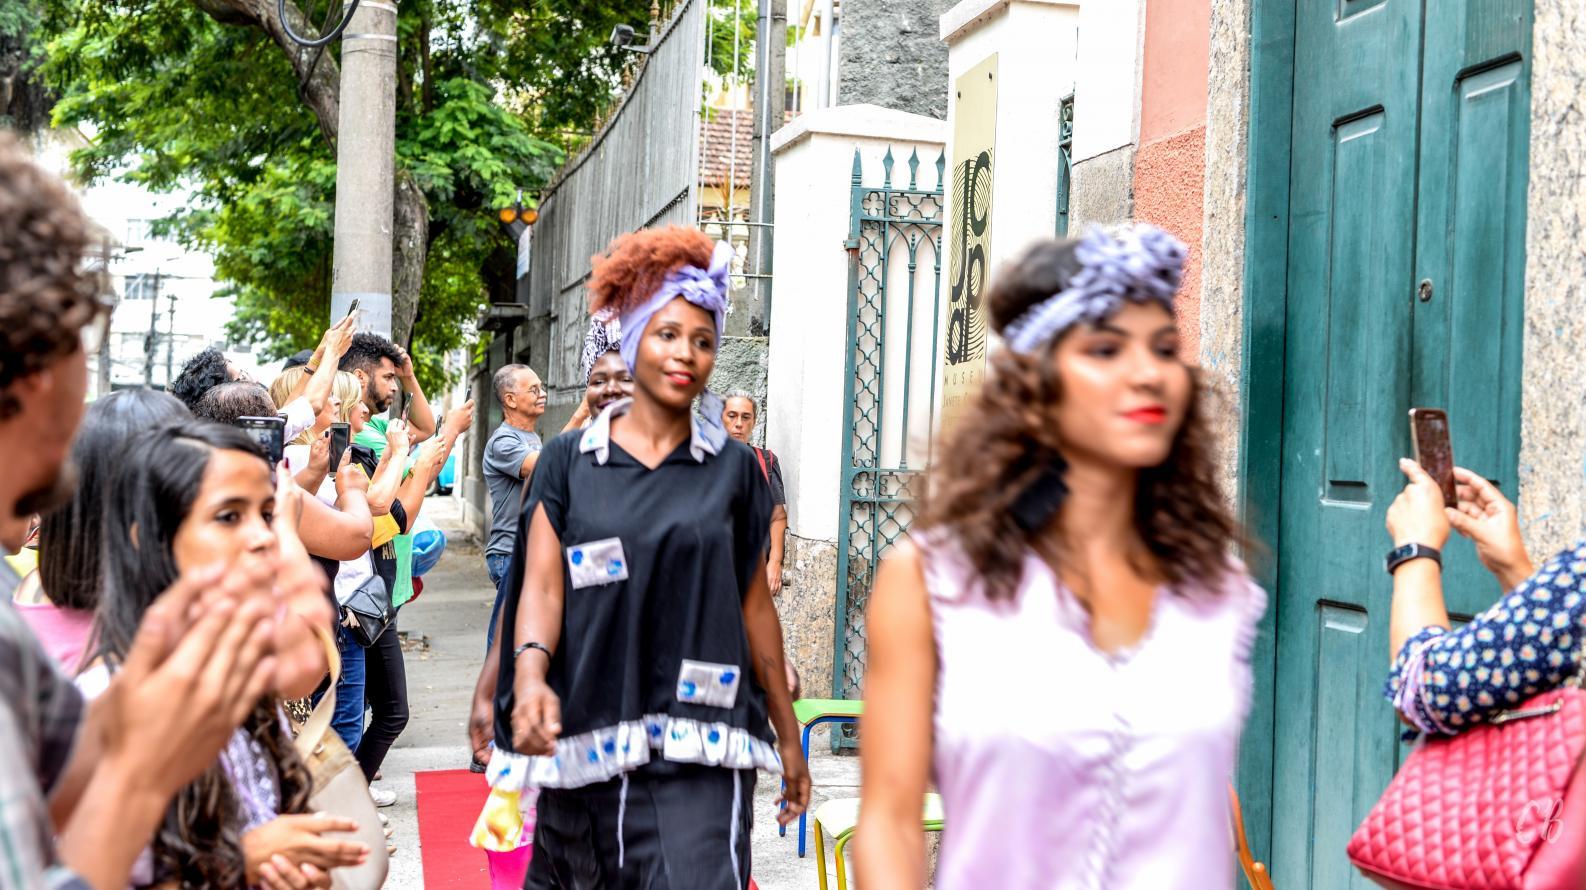 Alunos do Projeto Niterói Ecocultural recebem certificação em cerimônia no Museu Janete Costa de Arte Popular, em Niterói